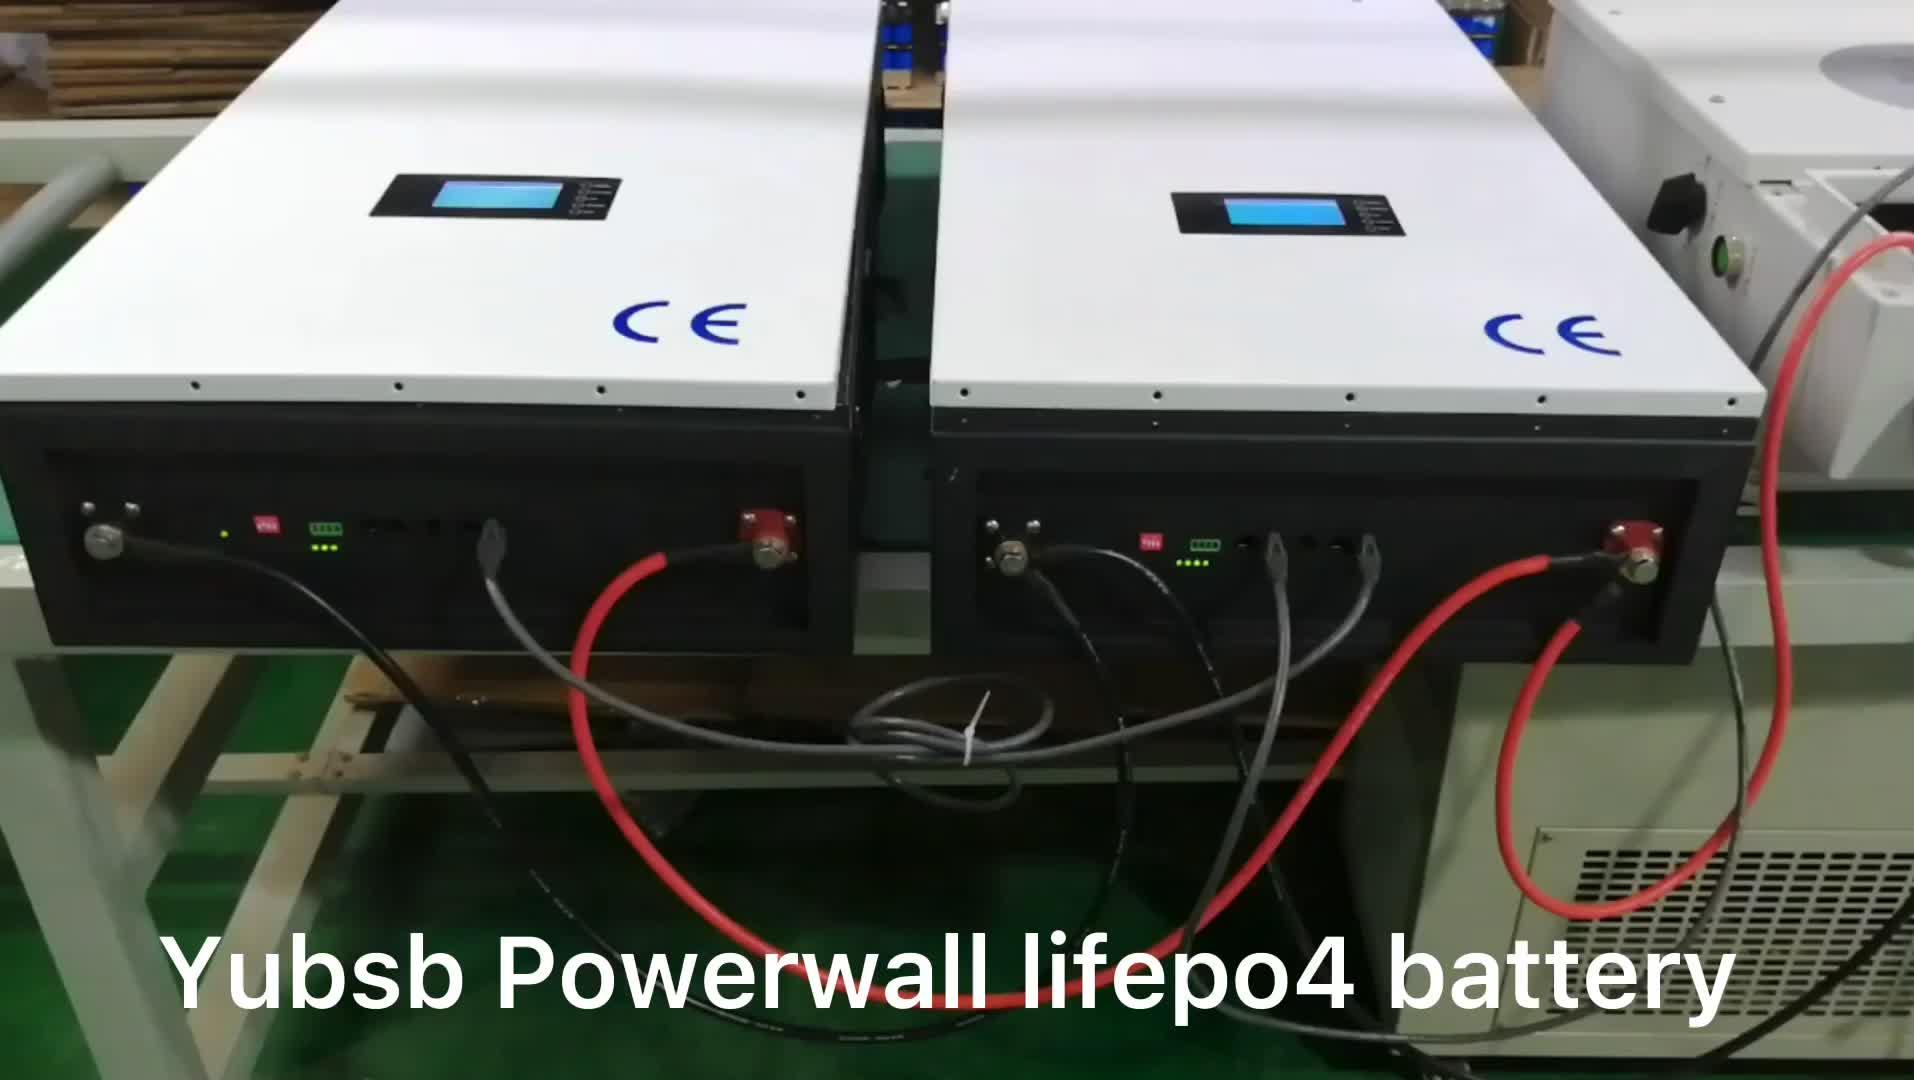 סין Powerwall שמש אחסון ליתיום סוללה 48V 100ah 150ah 200ah 5kwh 7.5kwh 10kwh lifepo4 ליתיום יון